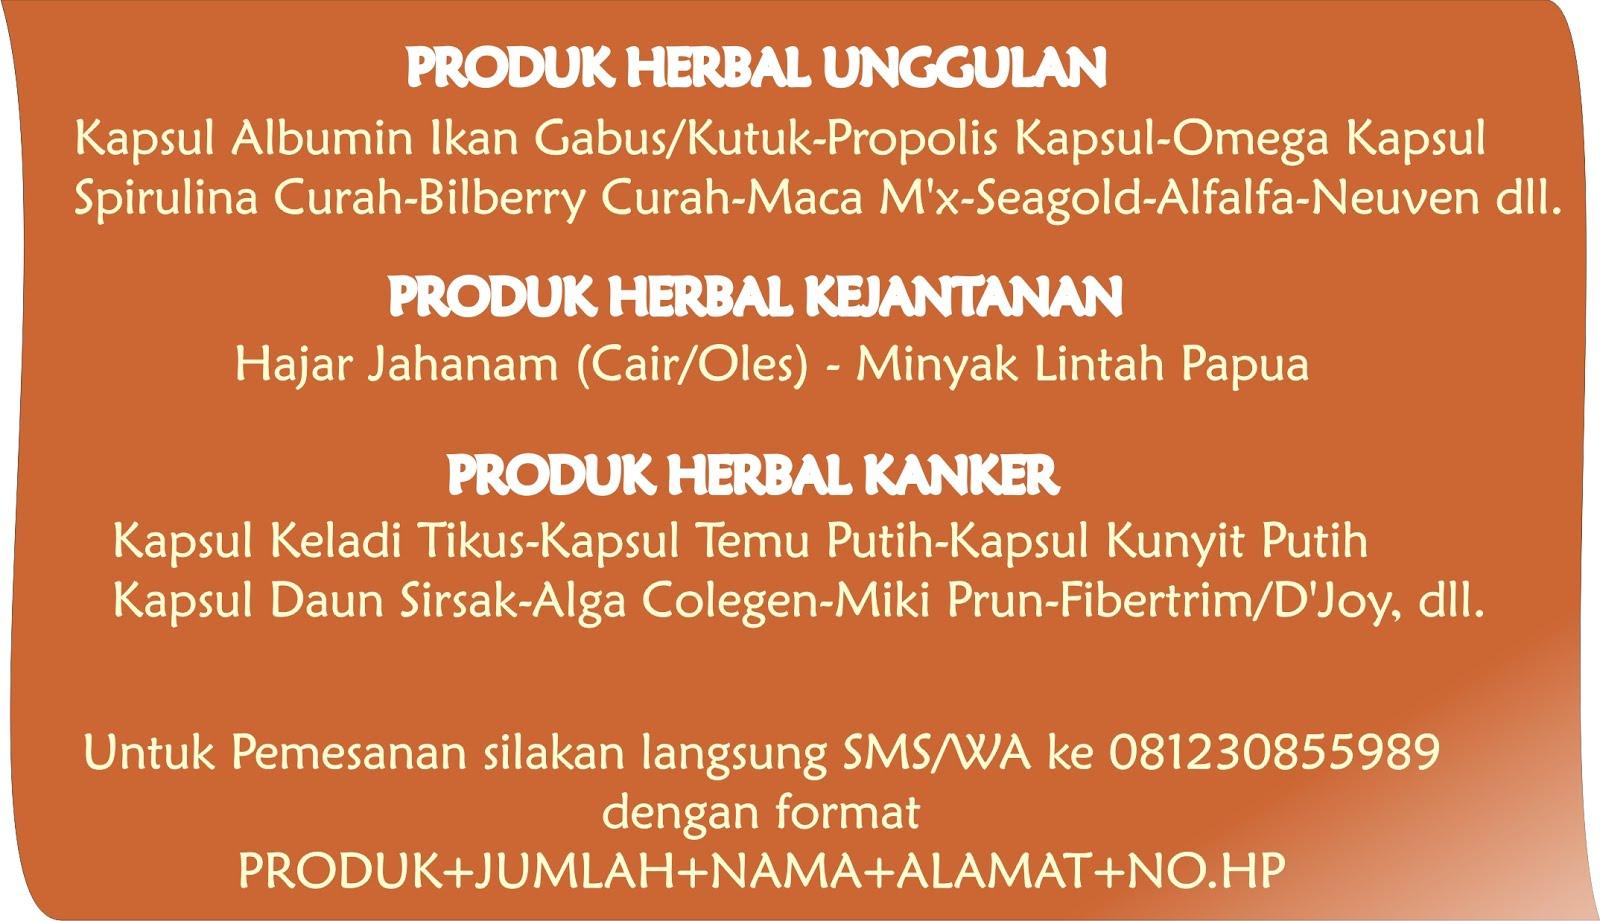 Salam, Kami melayani pembelian Grosir dan Ecer Herbal bermutu